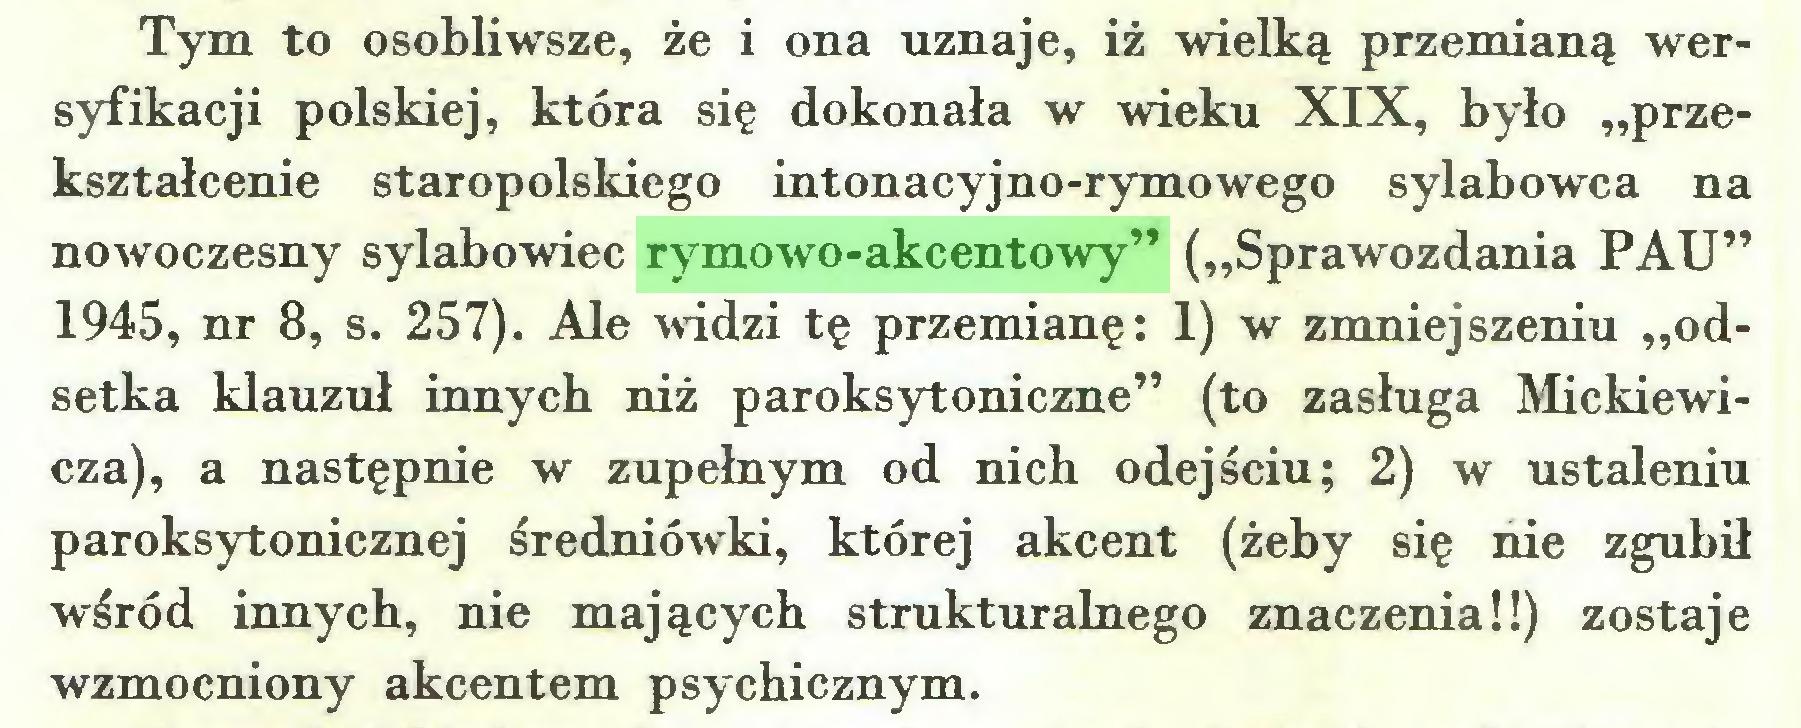 """(...) Tym to osobliwsze, że i ona uznaje, iż wielką przemianą wersyfikacji polskiej, która się dokonała w wieku XIX, było """"przekształcenie staropolskiego intonacyjno-rymowego sylabowca na nowoczesny sylabowiec rymowo-akcentowy"""" (""""Sprawozdania PAU"""" 1945, nr 8, s. 257). Ale widzi tę przemianę: 1) w zmniejszeniu """"odsetka klauzul innych niż paroksytoniczne"""" (to zasługa Mickiewicza), a następnie w zupełnym od nich odejściu; 2) w ustaleniu paroksytonicznej średniówki, której akcent (żeby się nie zgubił wśród innych, nie mających strukturalnego znaczenia!!) zostaje wzmocniony akcentem psychicznym..."""